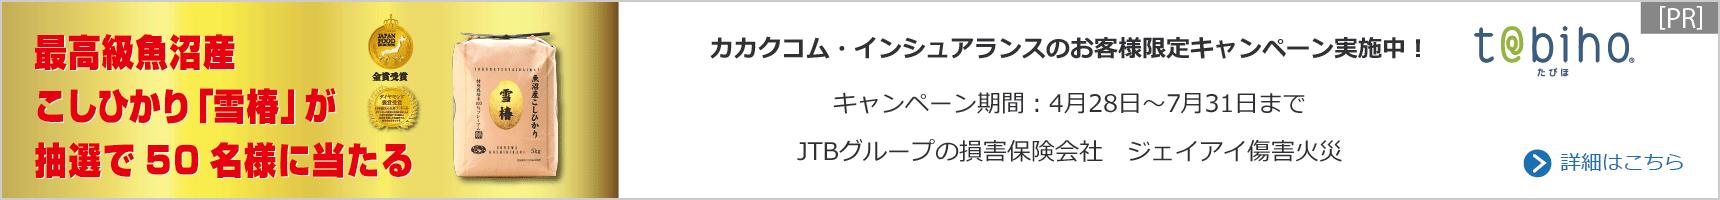 カカクコム・インシュアランスのお客様限定キャンペーン!